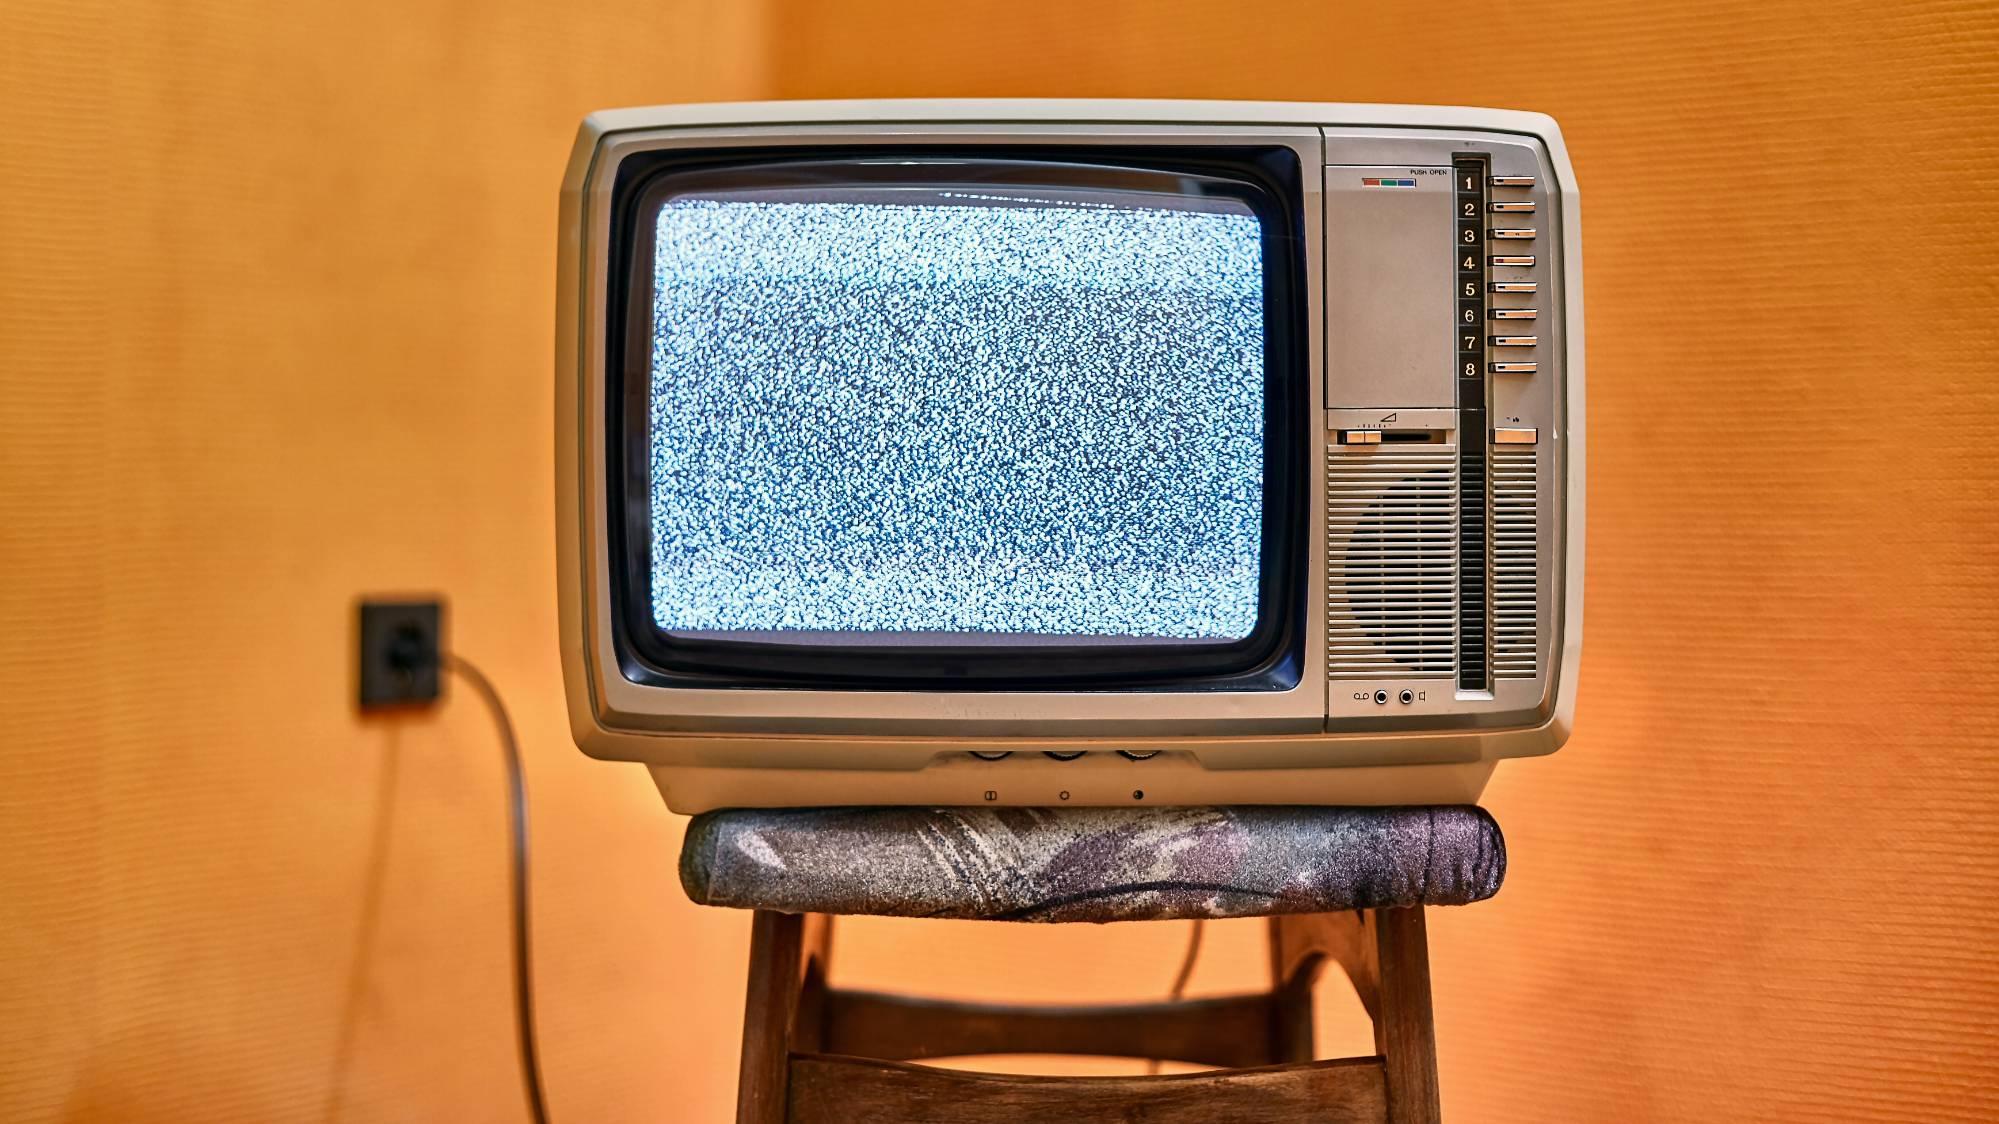 Почему телевизор лагает и как решить проблему? 6 способов — от чистки кеша до настройки Интернета